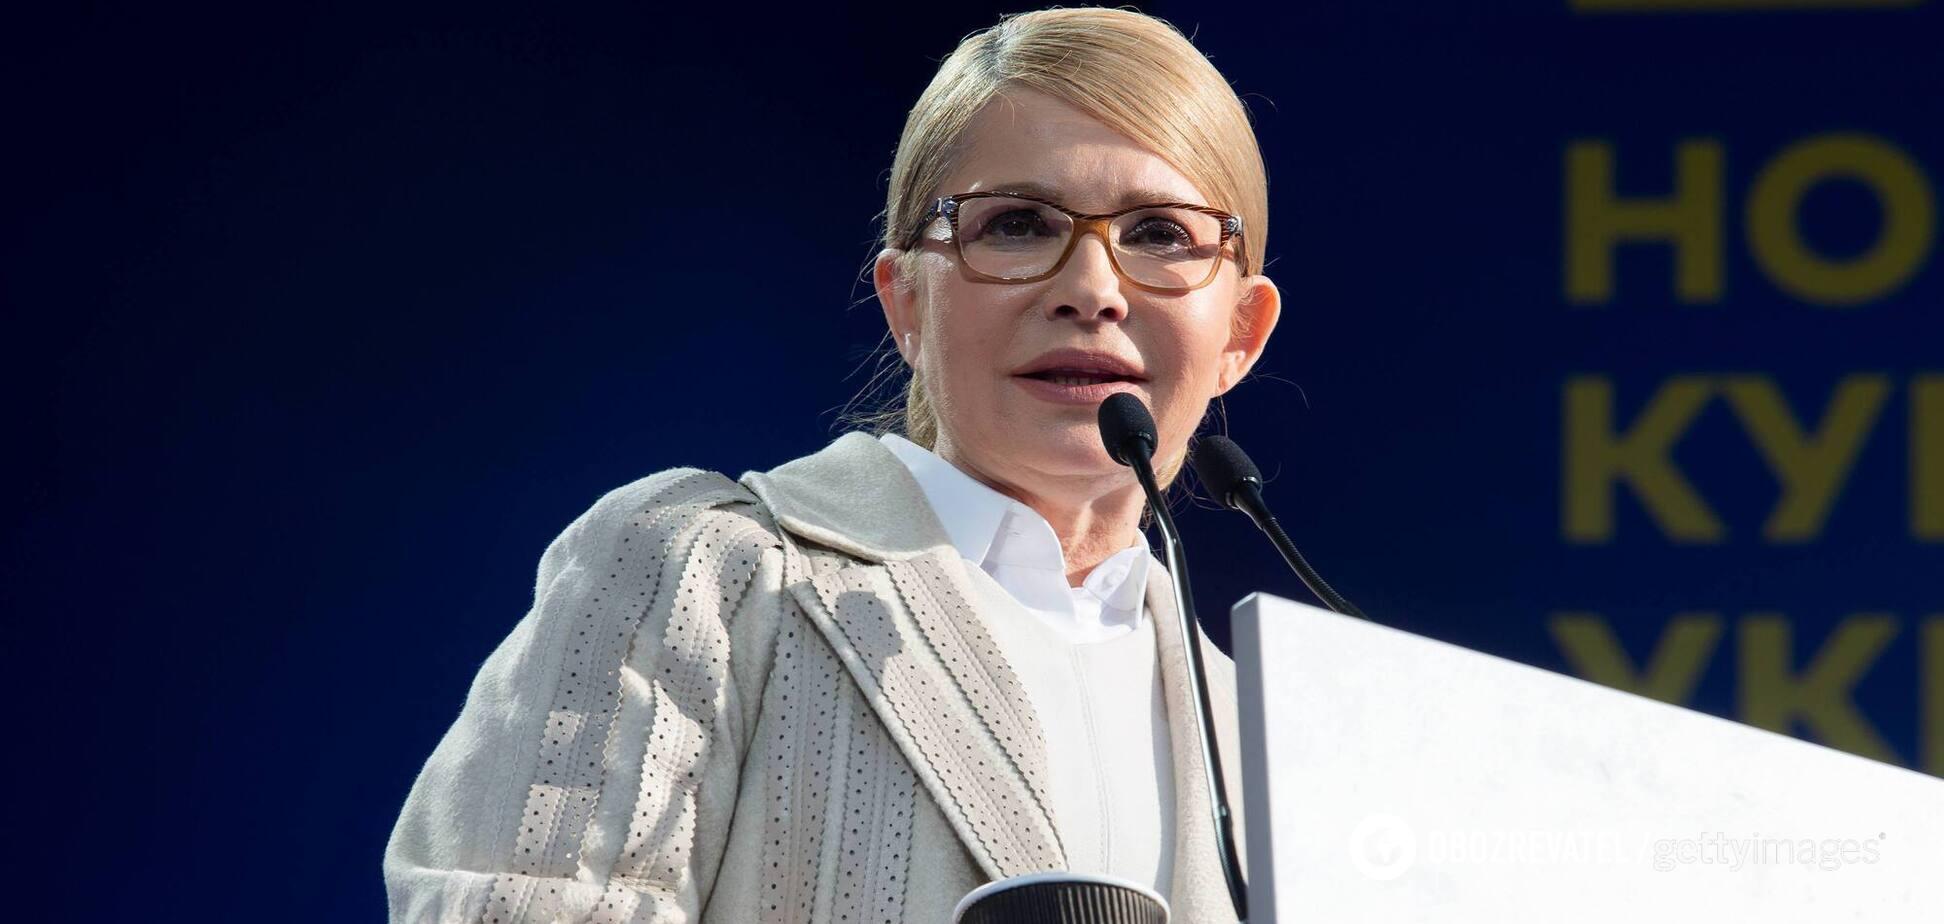 Тимошенко показалась в новом образе с металлическими пуговицами. Фото